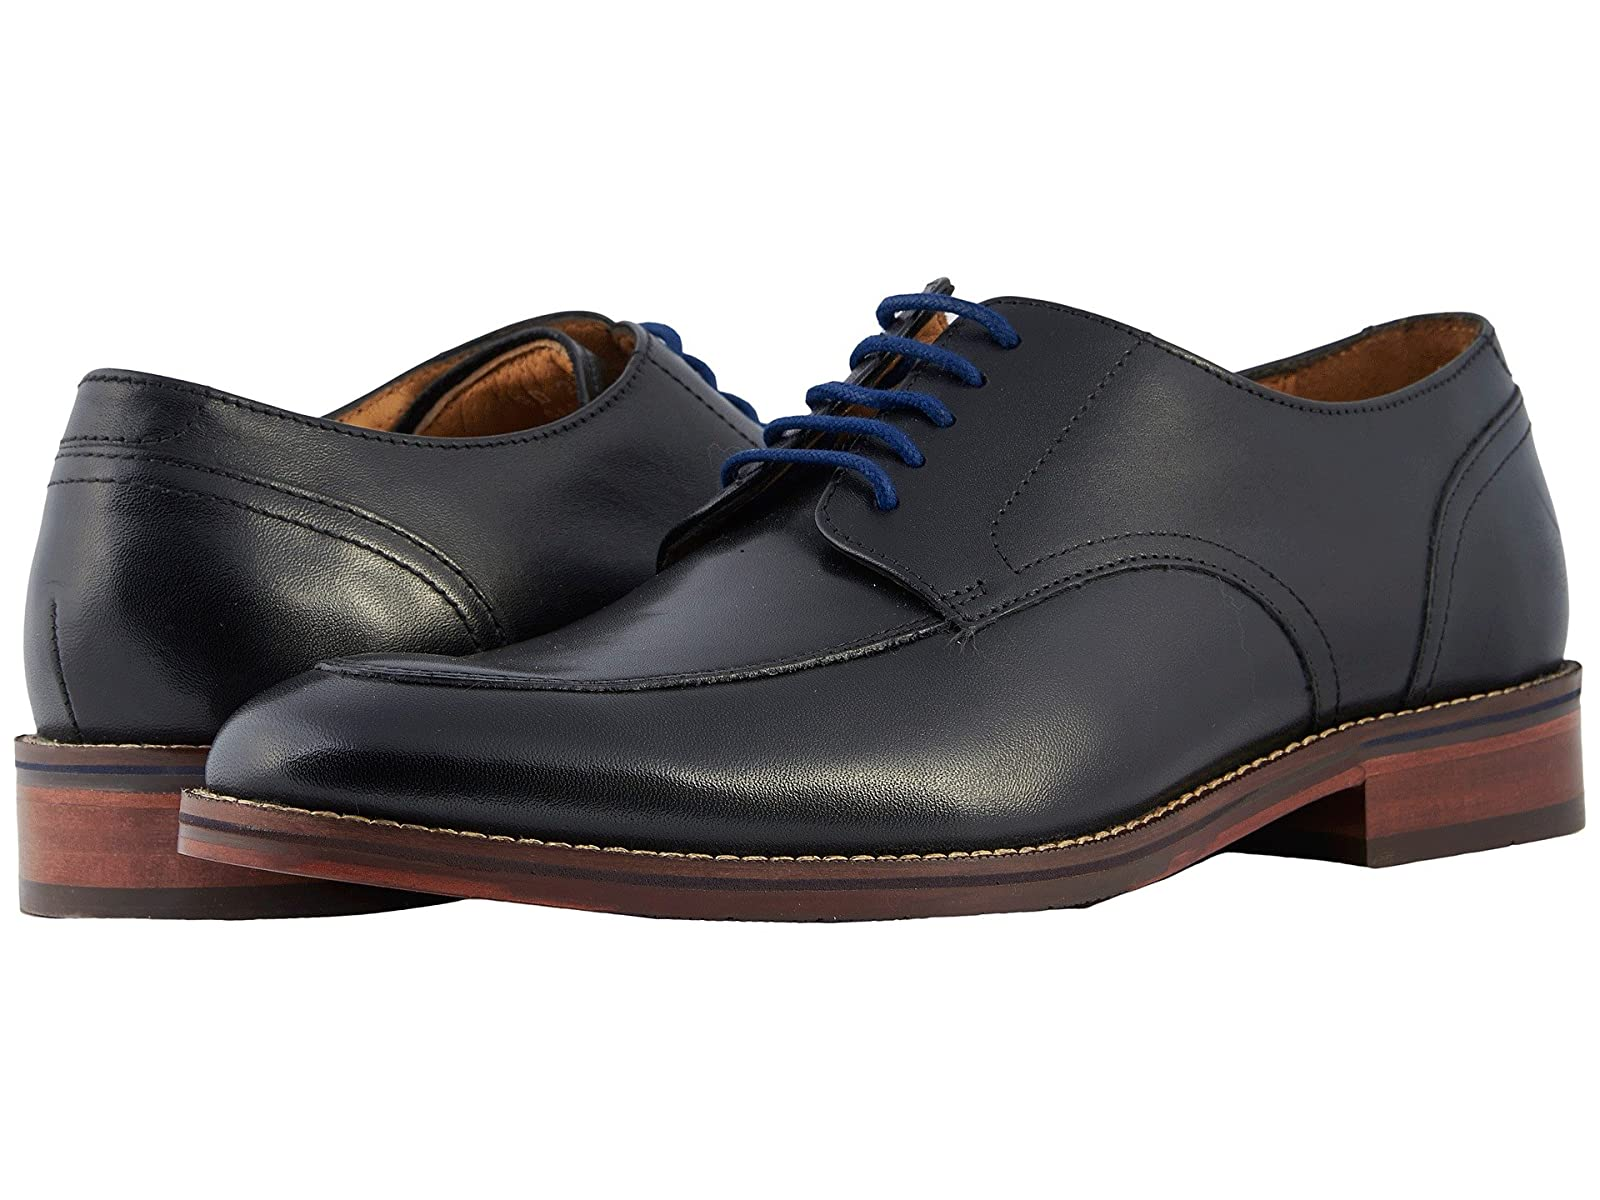 Florsheim Salerno Moc Toe OxfordAtmospheric grades have affordable shoes